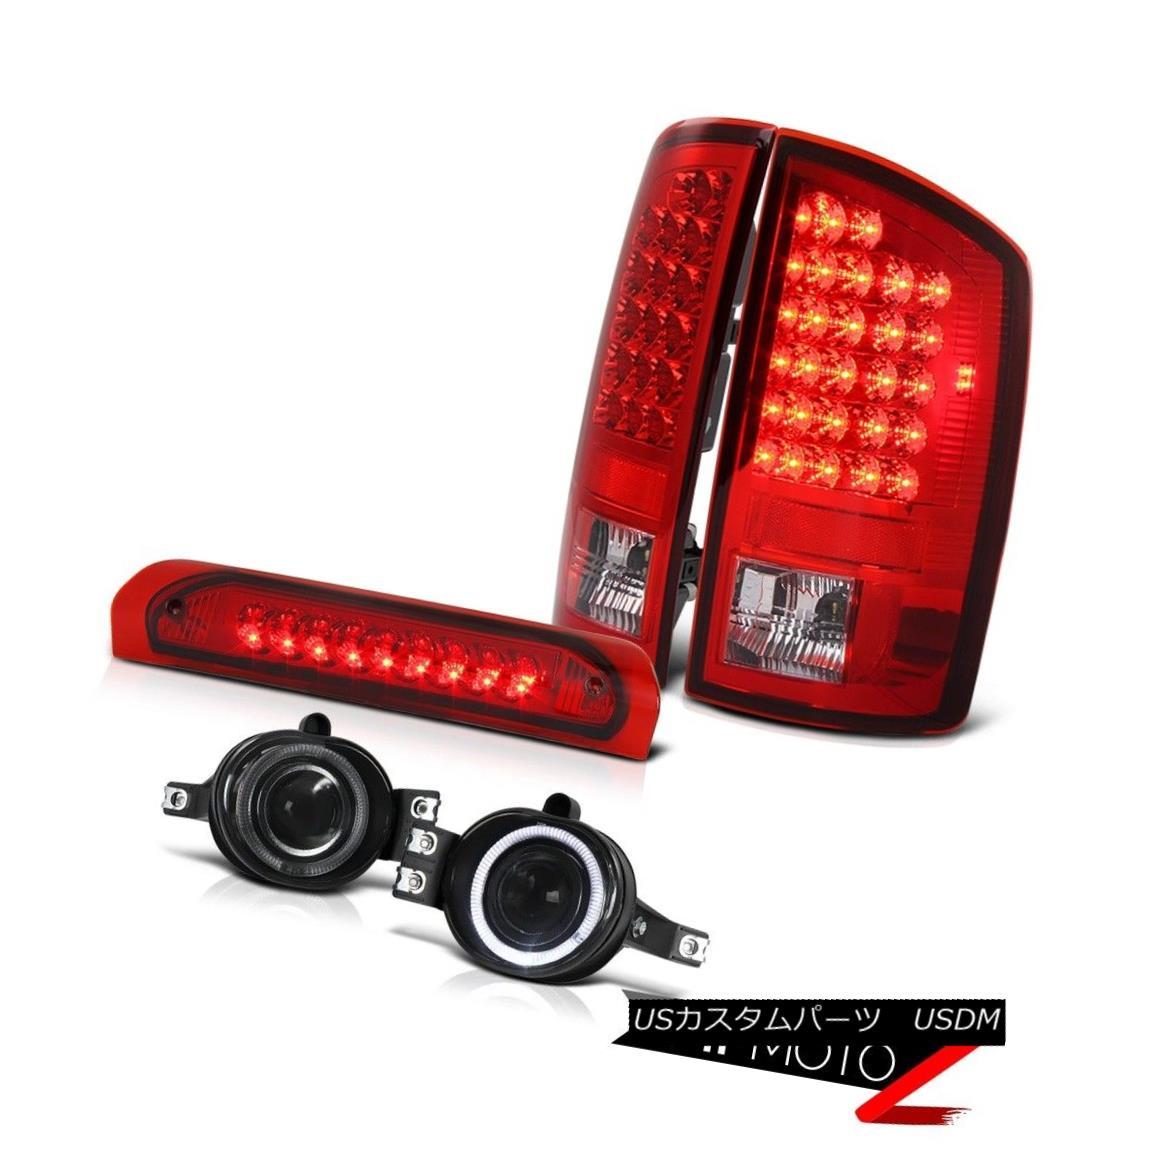 テールライト RED/CLEAR LED Tail Light+3rd Brake+Halo Projector Fog Lamp Dodge 02-06 RAM 1500 赤/クリアLEDテールライト+第3ブレーキ+ハロープロジェクターフォグランプドッジ02-06 RAM 1500